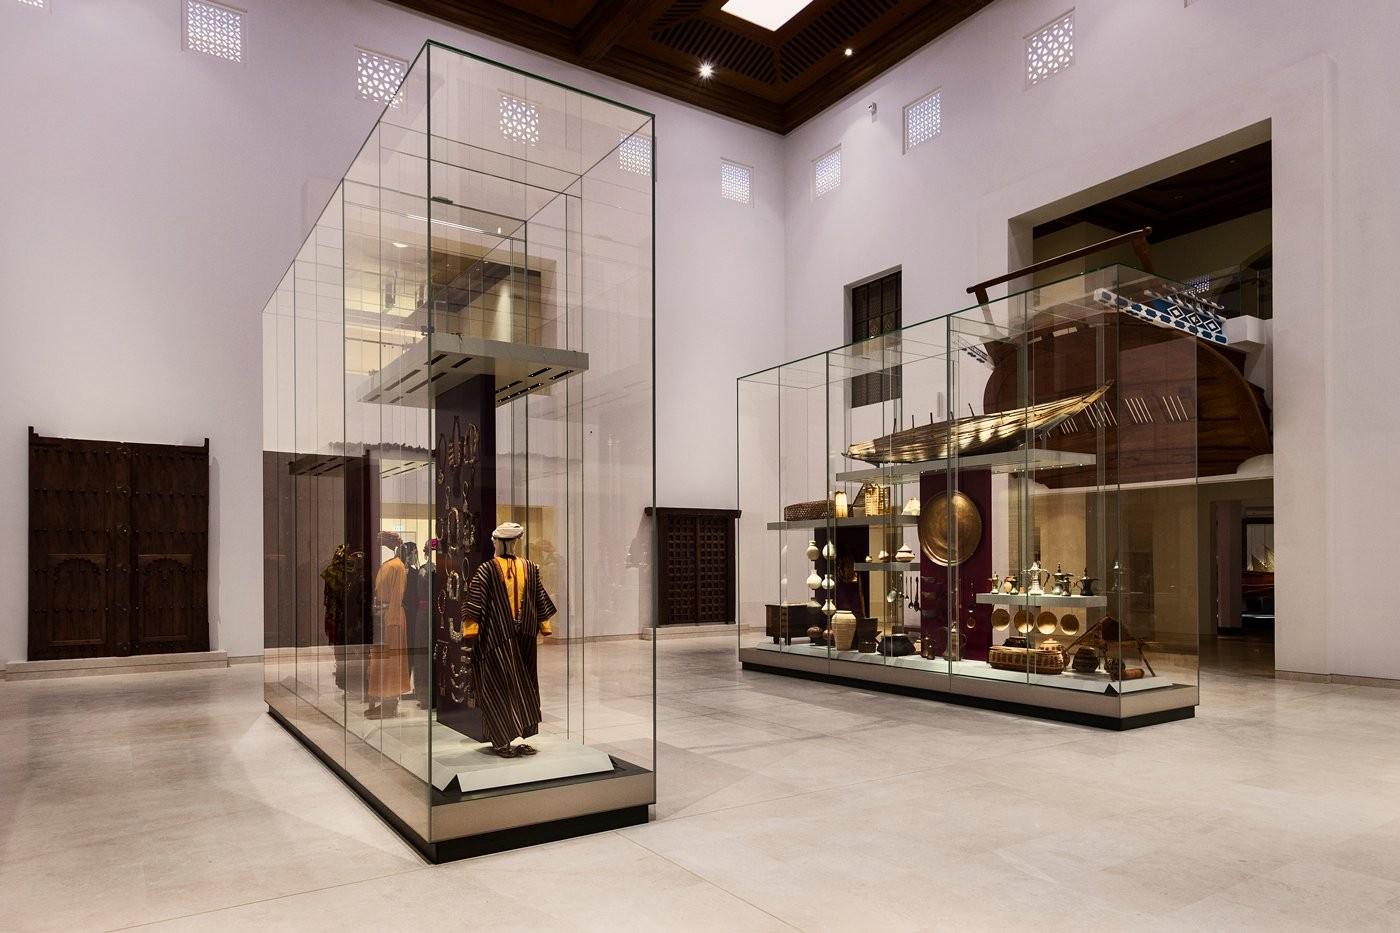 المتحف الوطني العماني (4).jpg